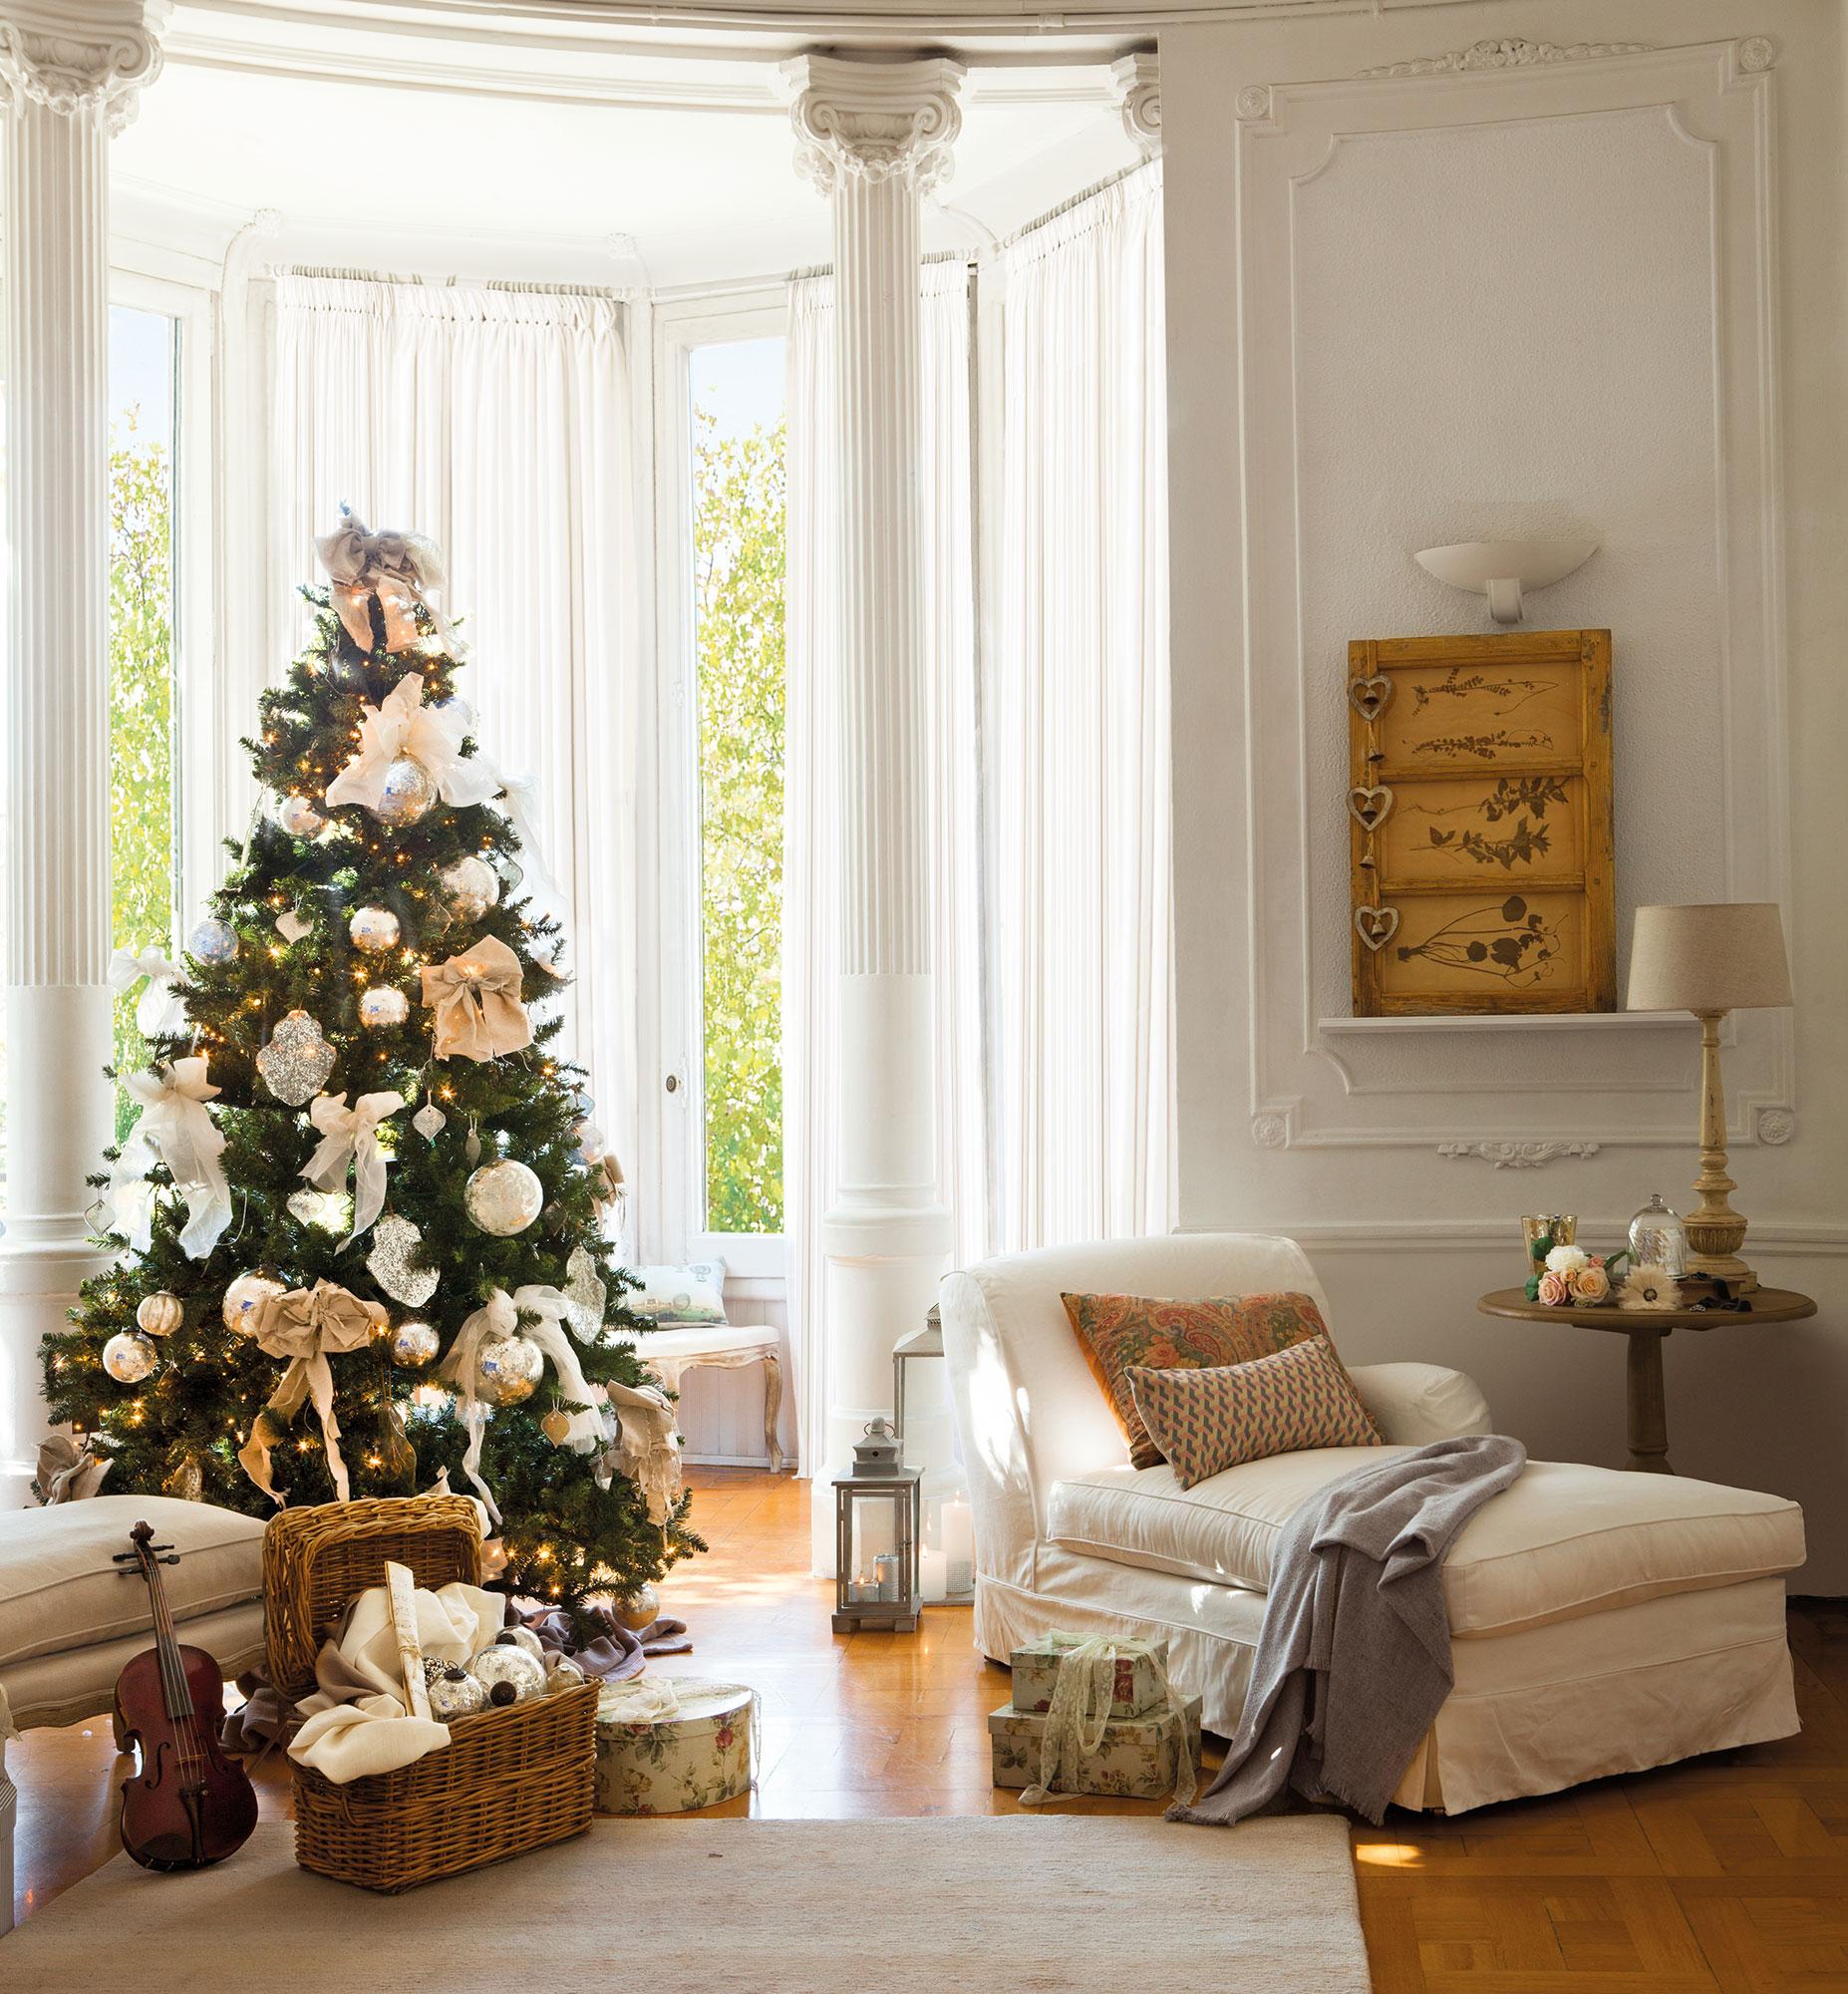 rincn del rbol de navidad en saln clsico decorado en blanco y dorado